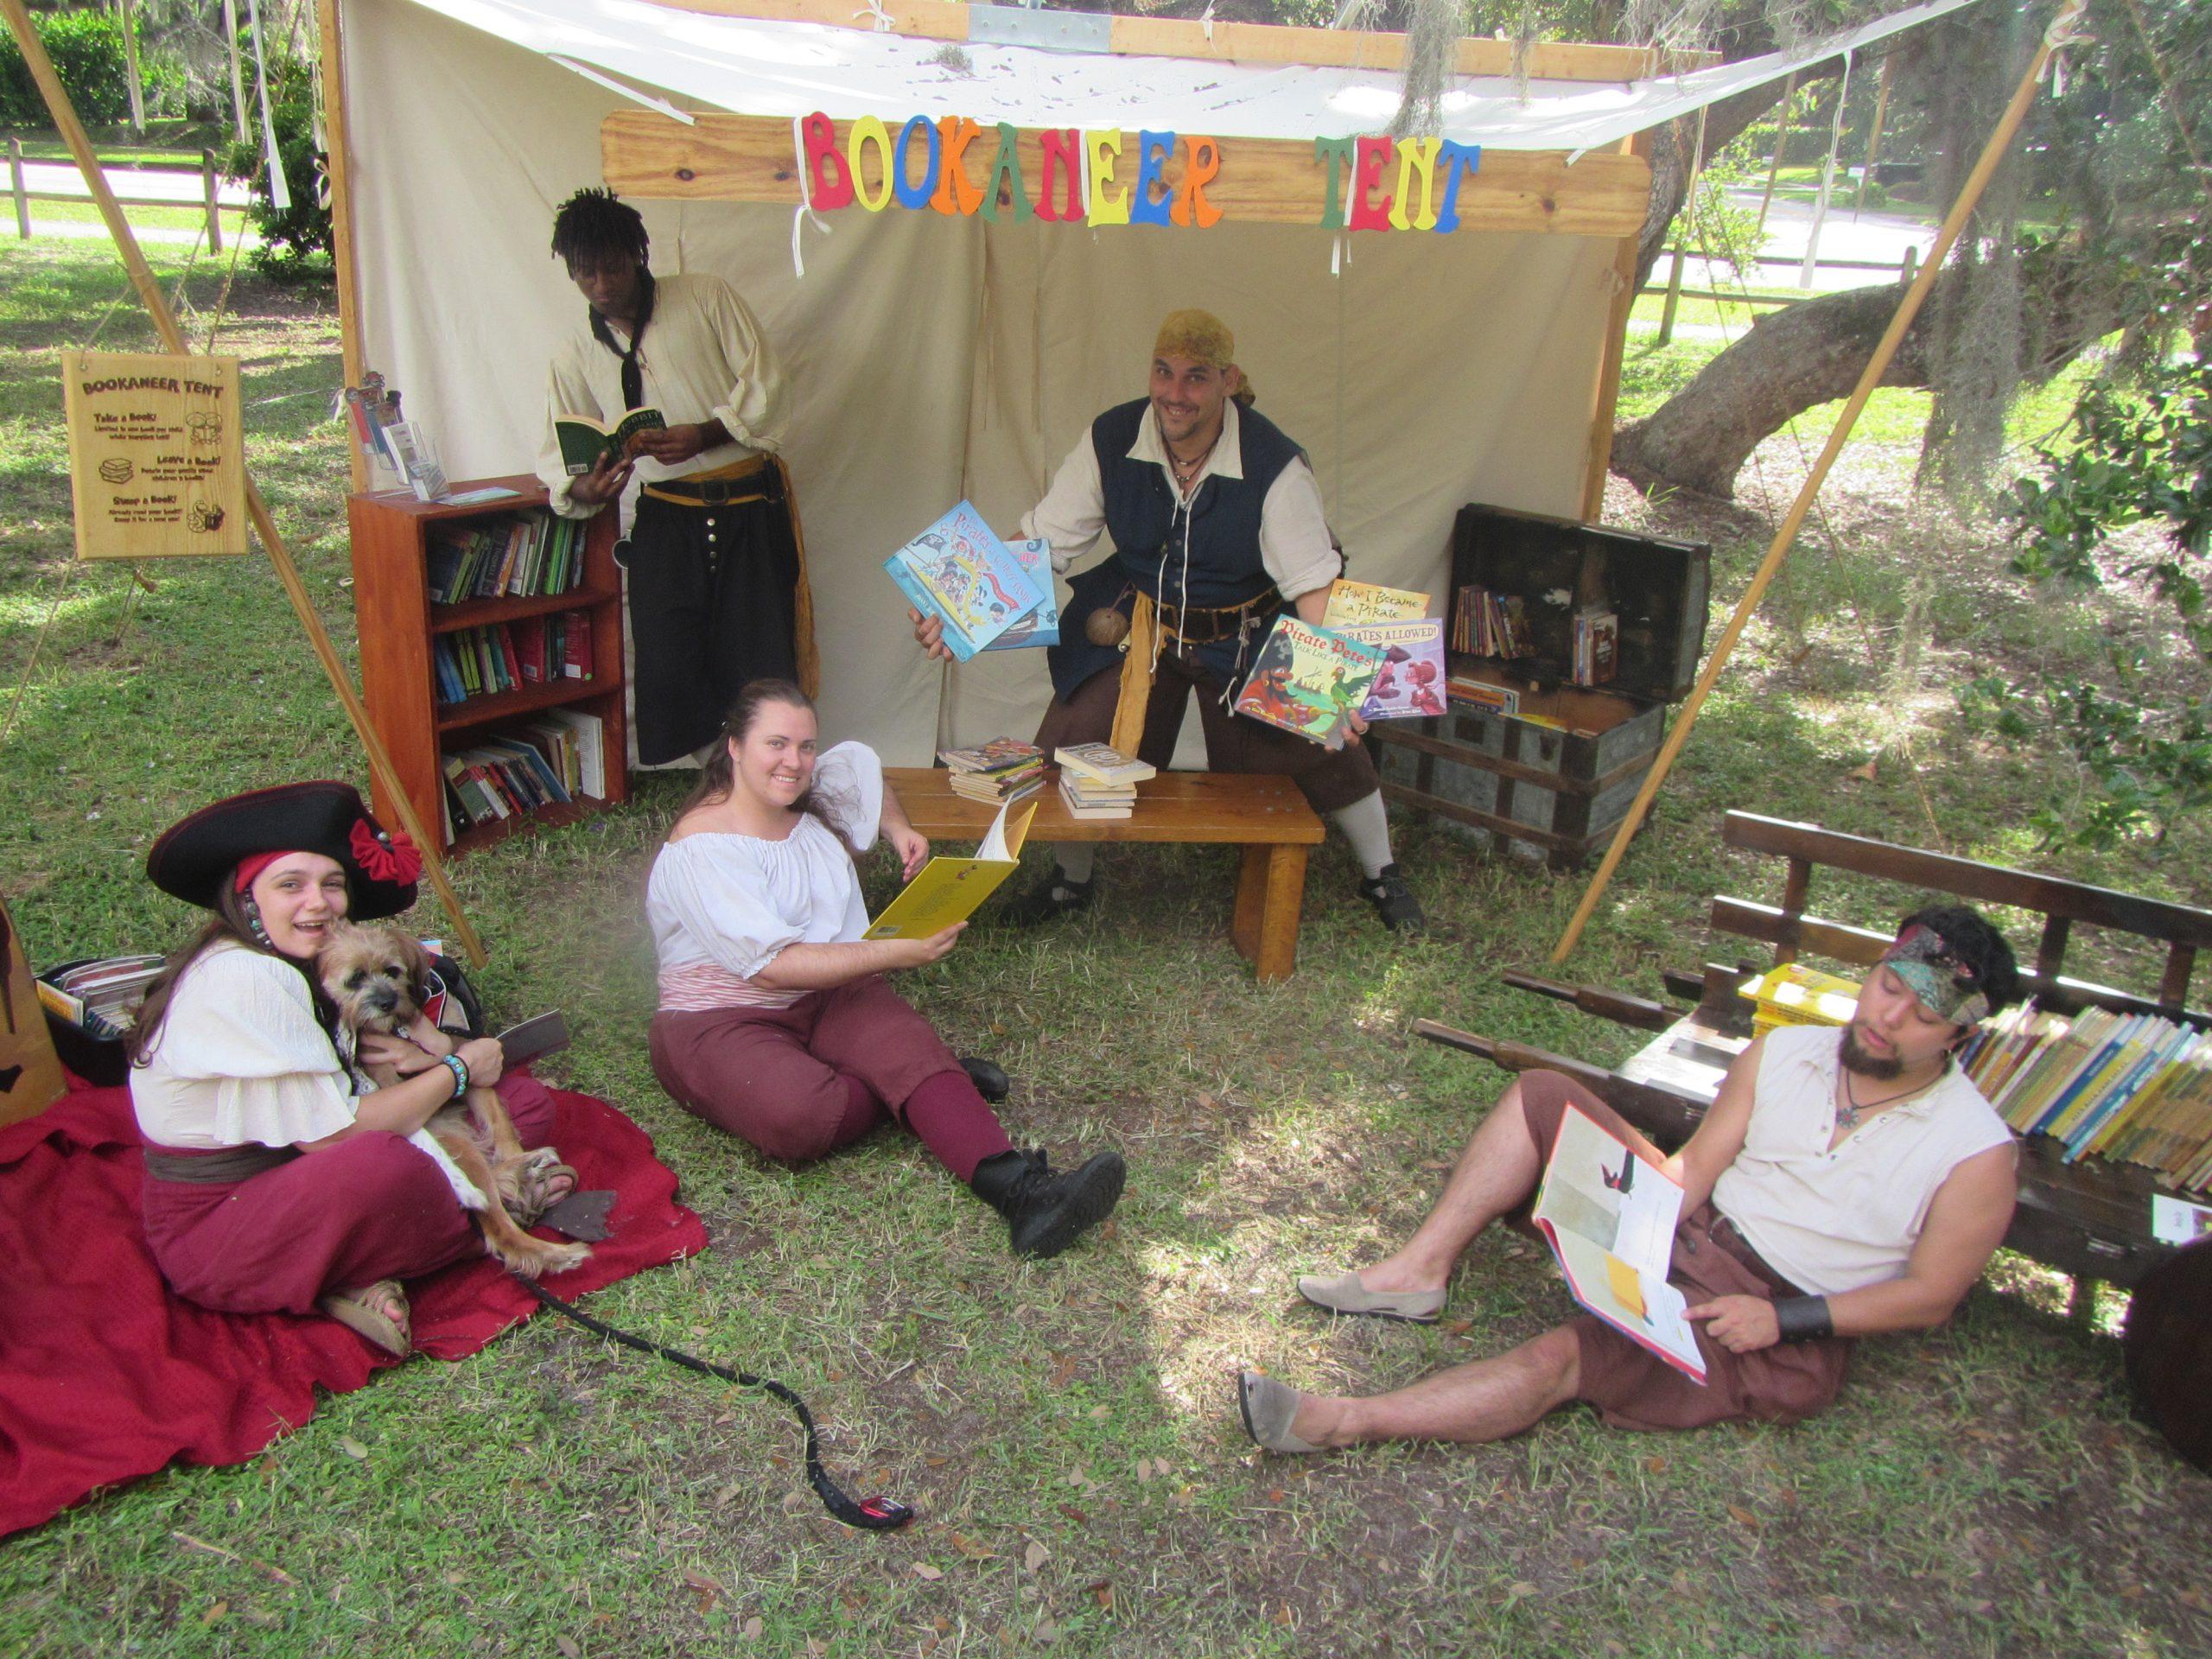 Bookaneer Tent